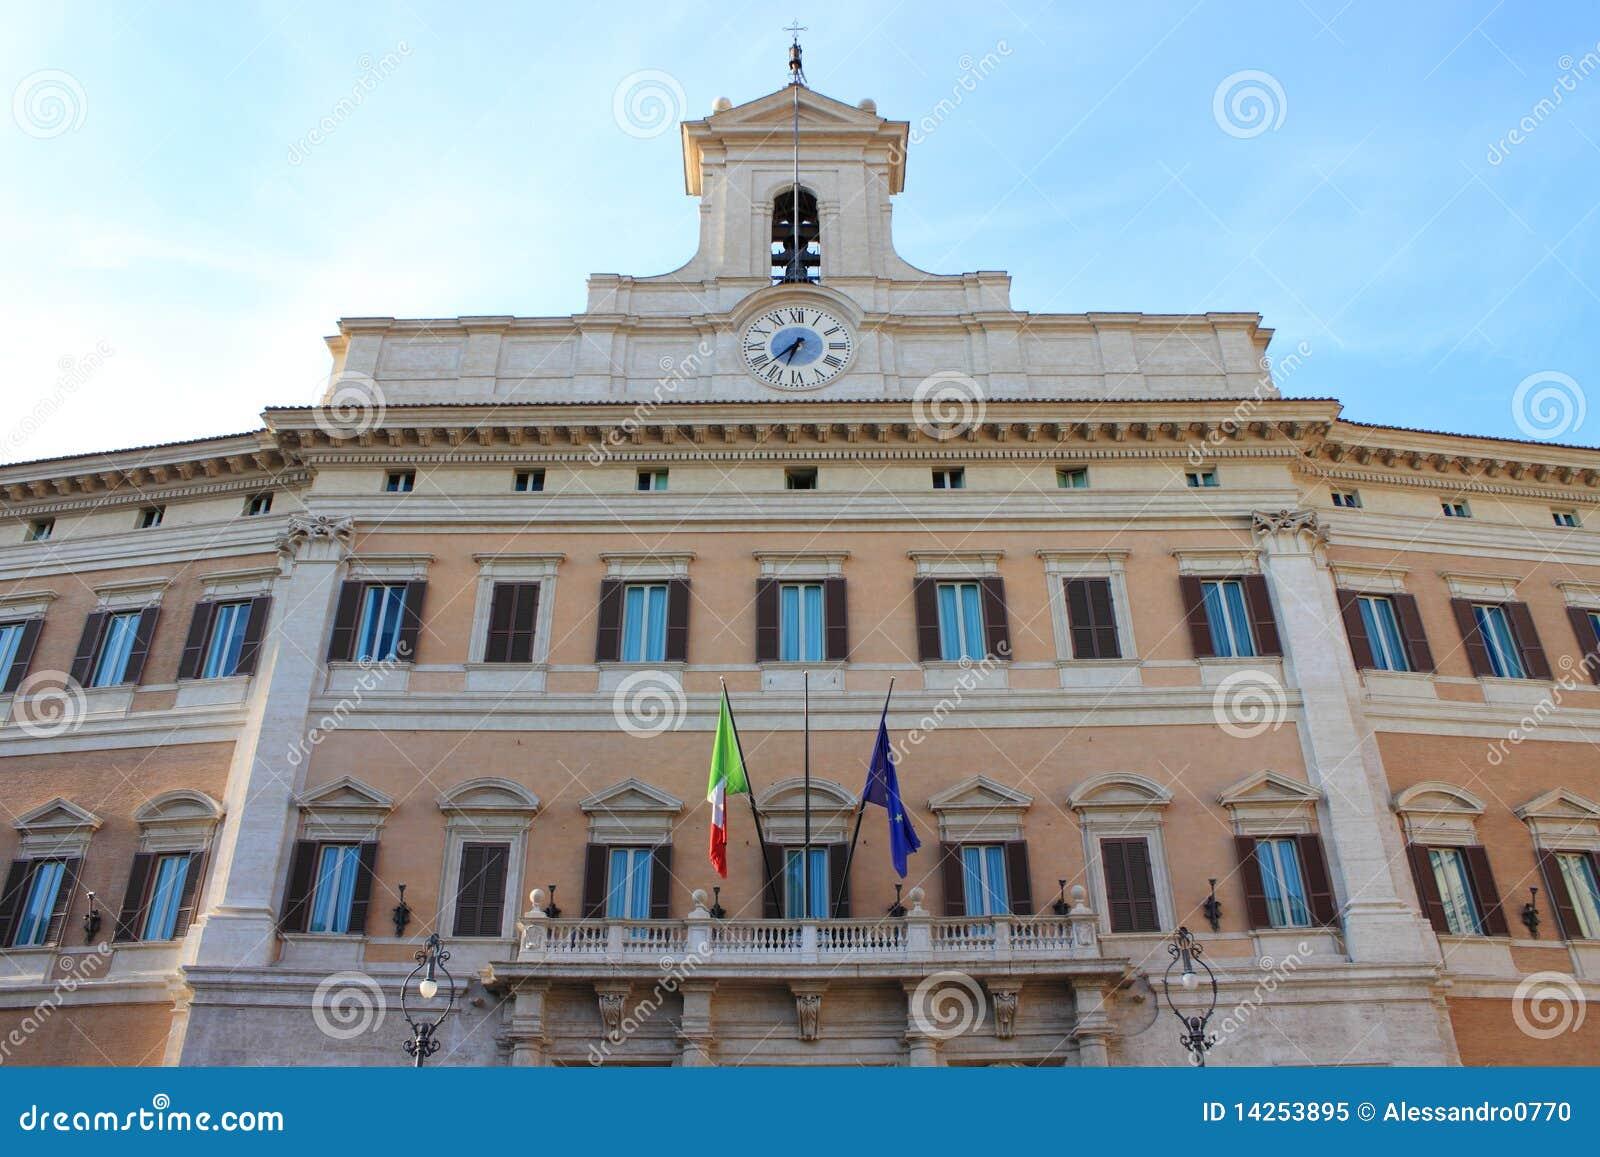 Il parlamento italiano immagine stock immagine di for Parlamento italiano storia